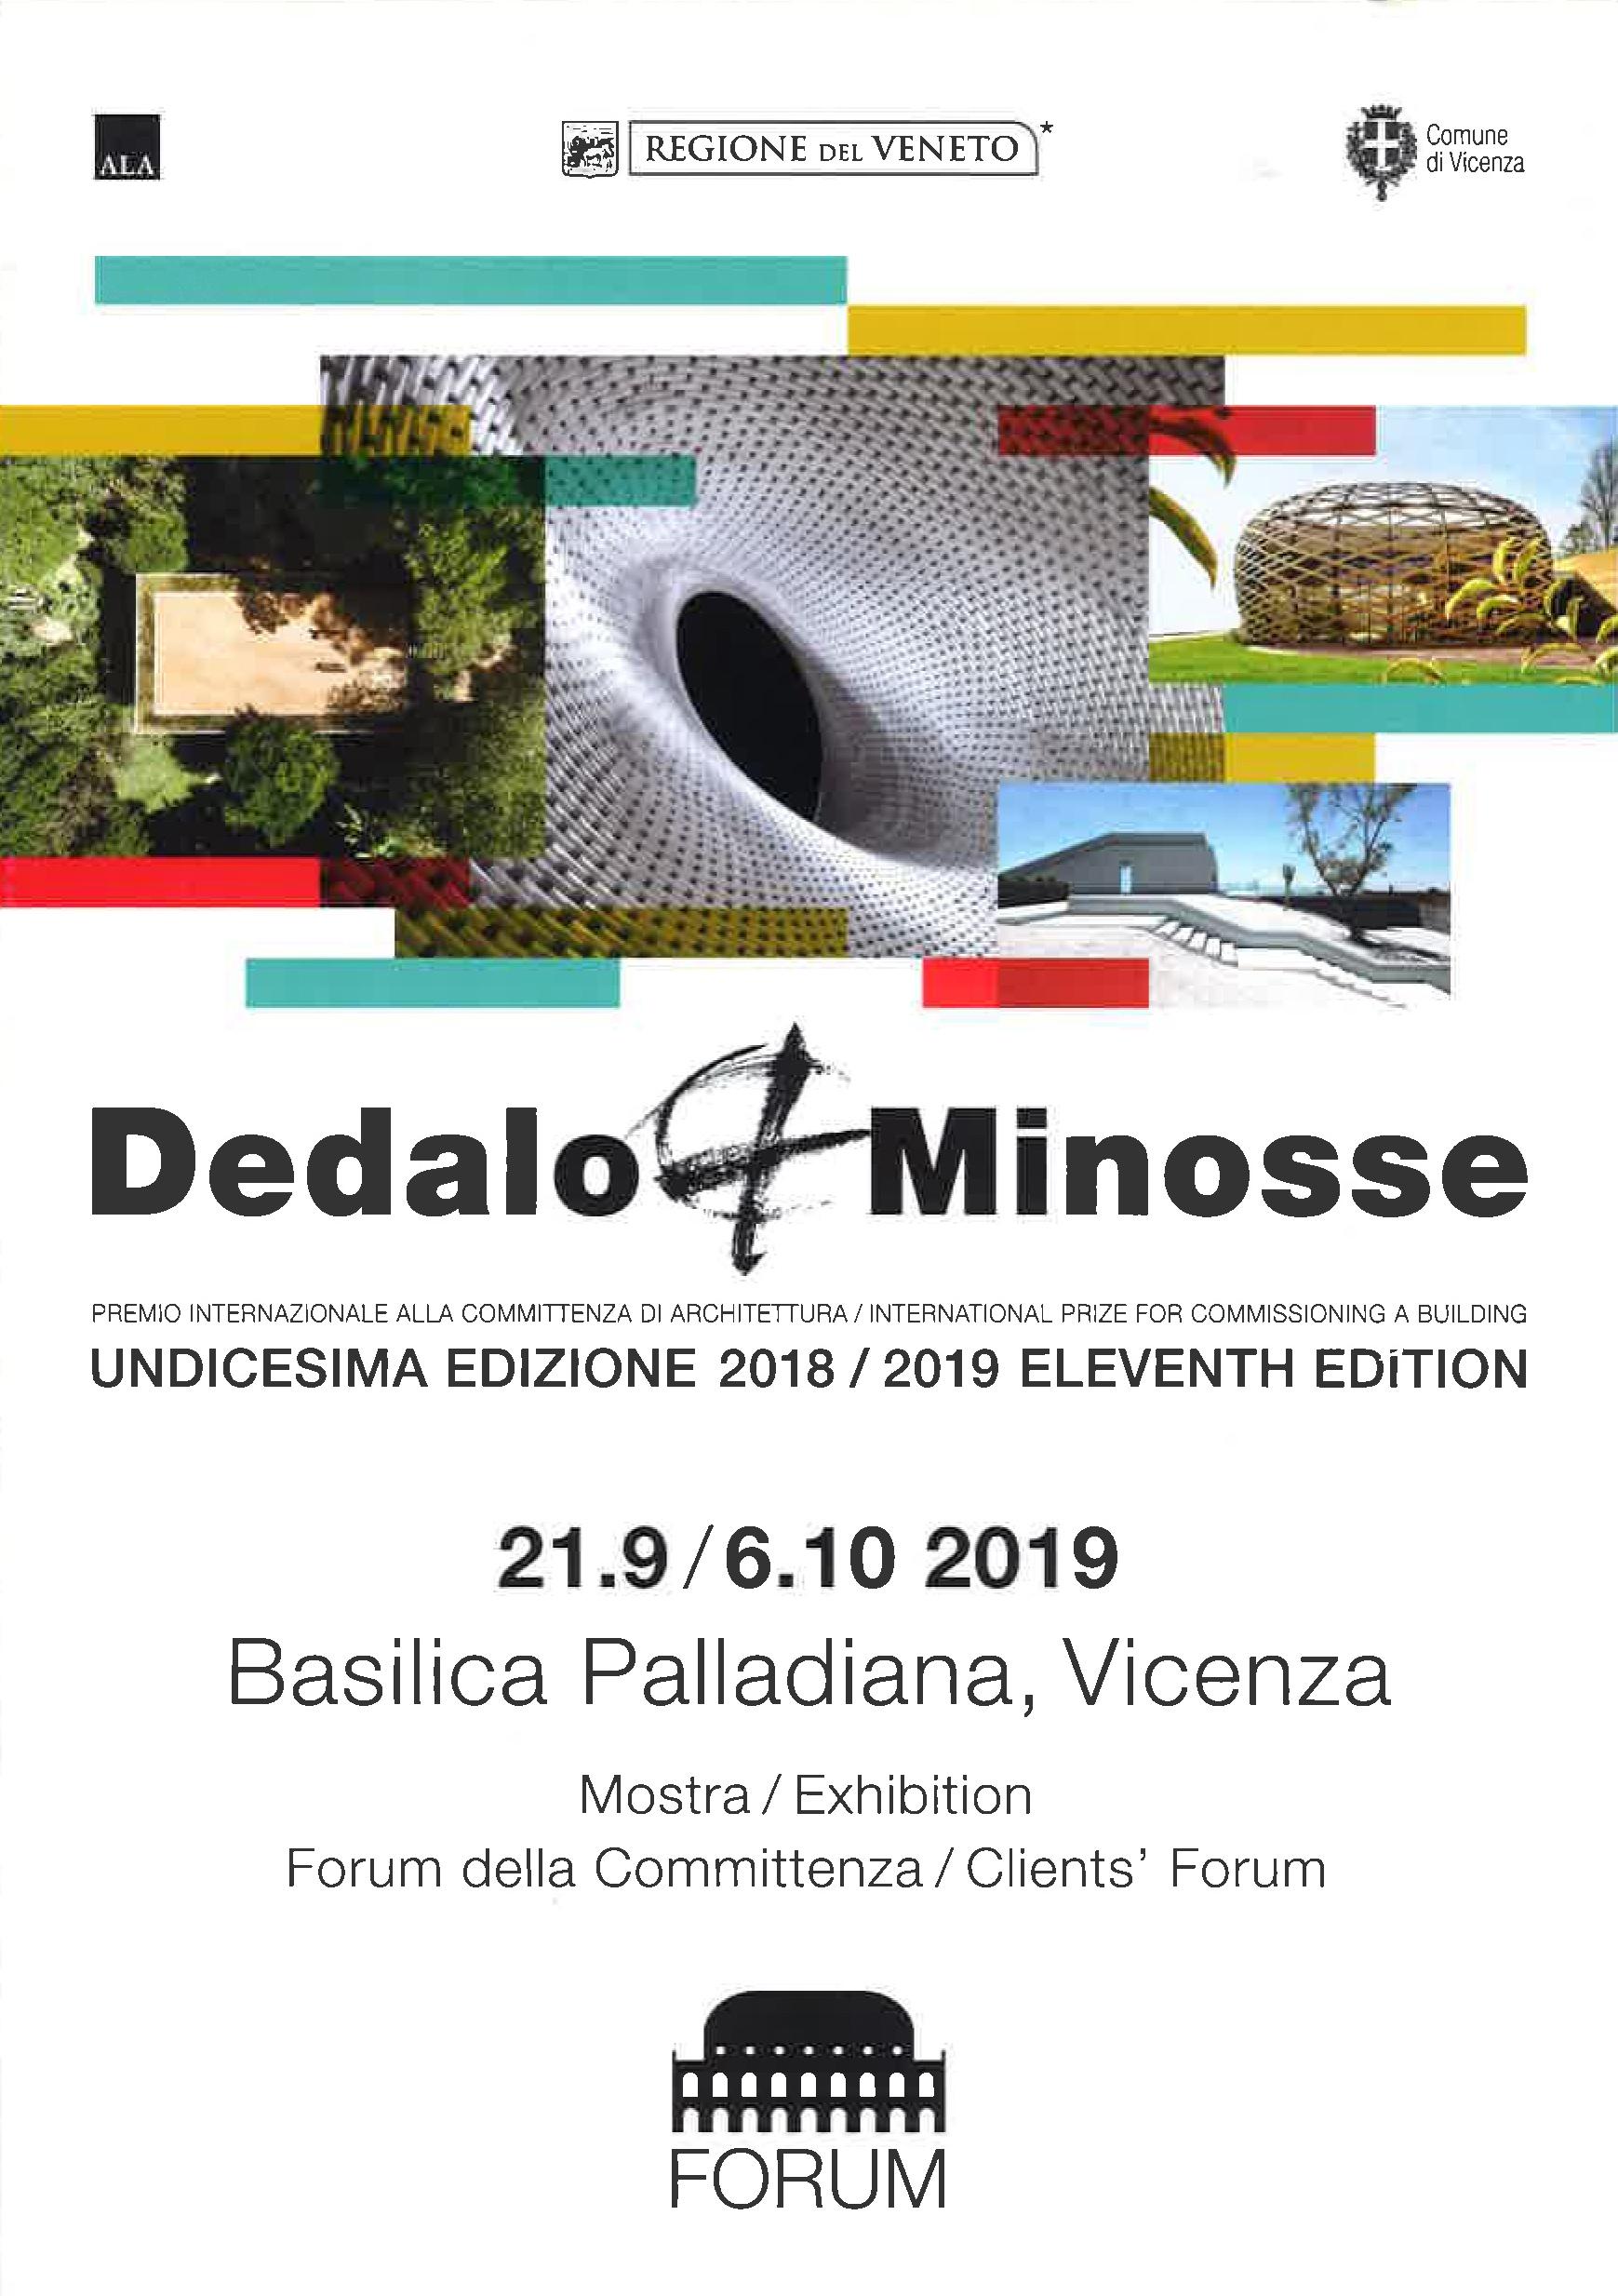 Catalogo della Mostra del XI edizione Premio Dedalo Minosse - Gli spazi urbani e le infrastrutture, Vicenza (21.09 - 06.10.2019)